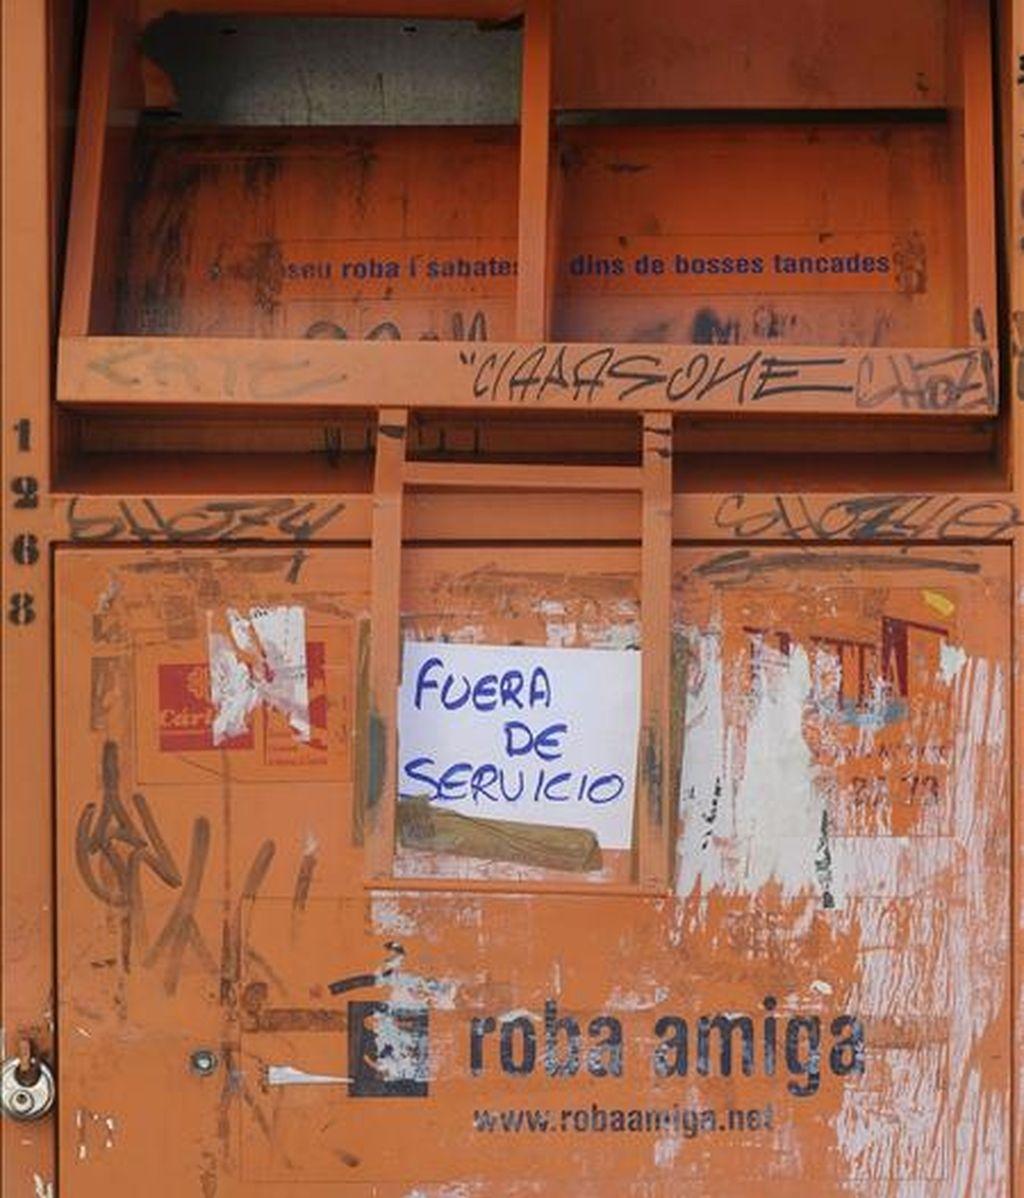 Un joven de 24 años, al parecer de nacionalidad eslovena, ha fallecido tras quedarse atrapado en un contenedor de recogida de ropa para los países del tercer mundo en Valencia. EFE